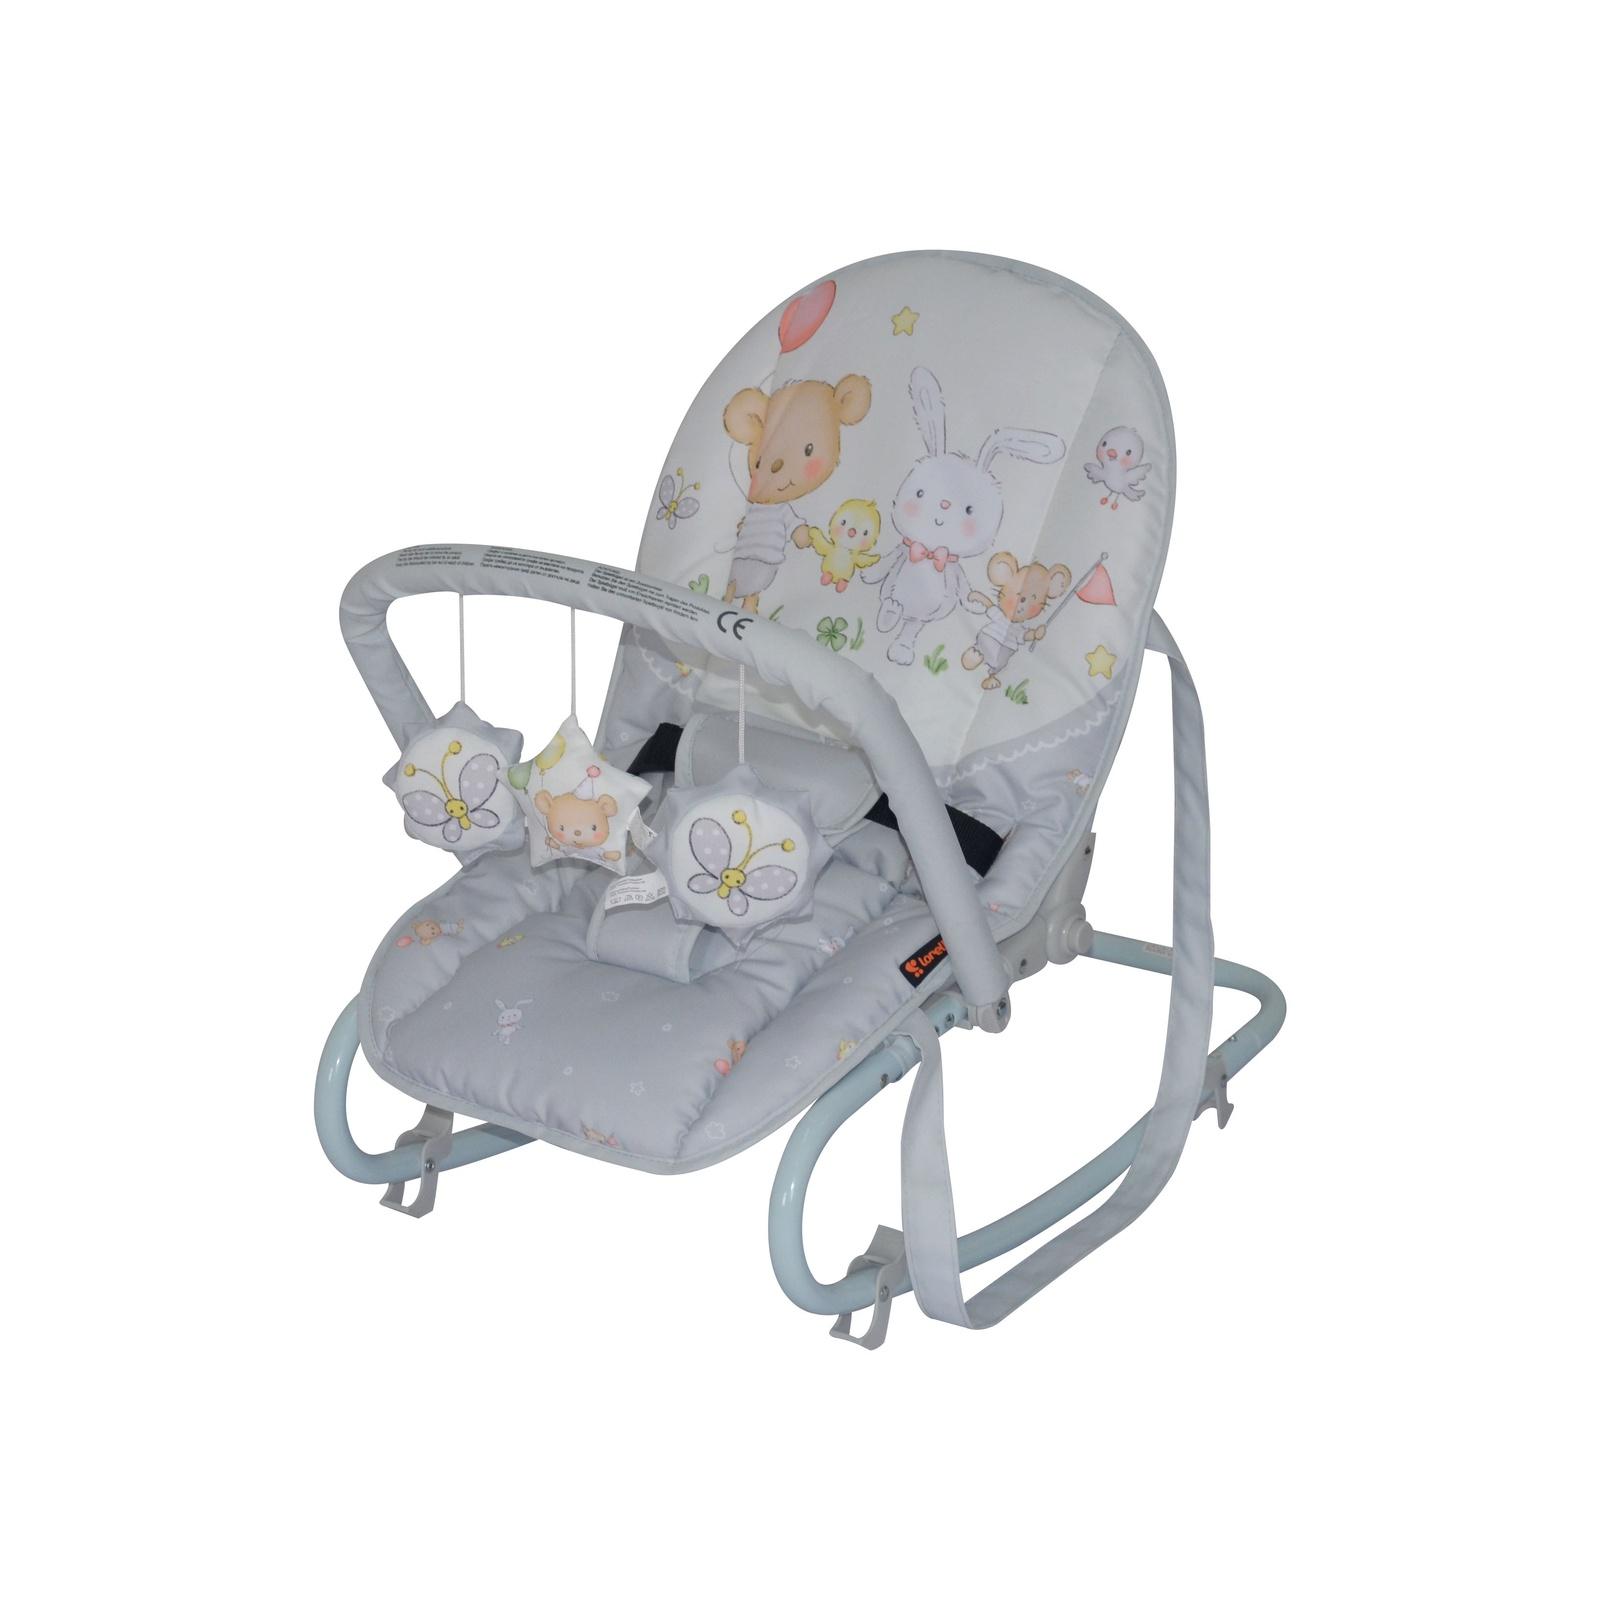 Шезлонг для новорожденных Lorelli Top relax, 10110021945 серый bertoni lorelli шезлонг качалка 3 в 1 chill out